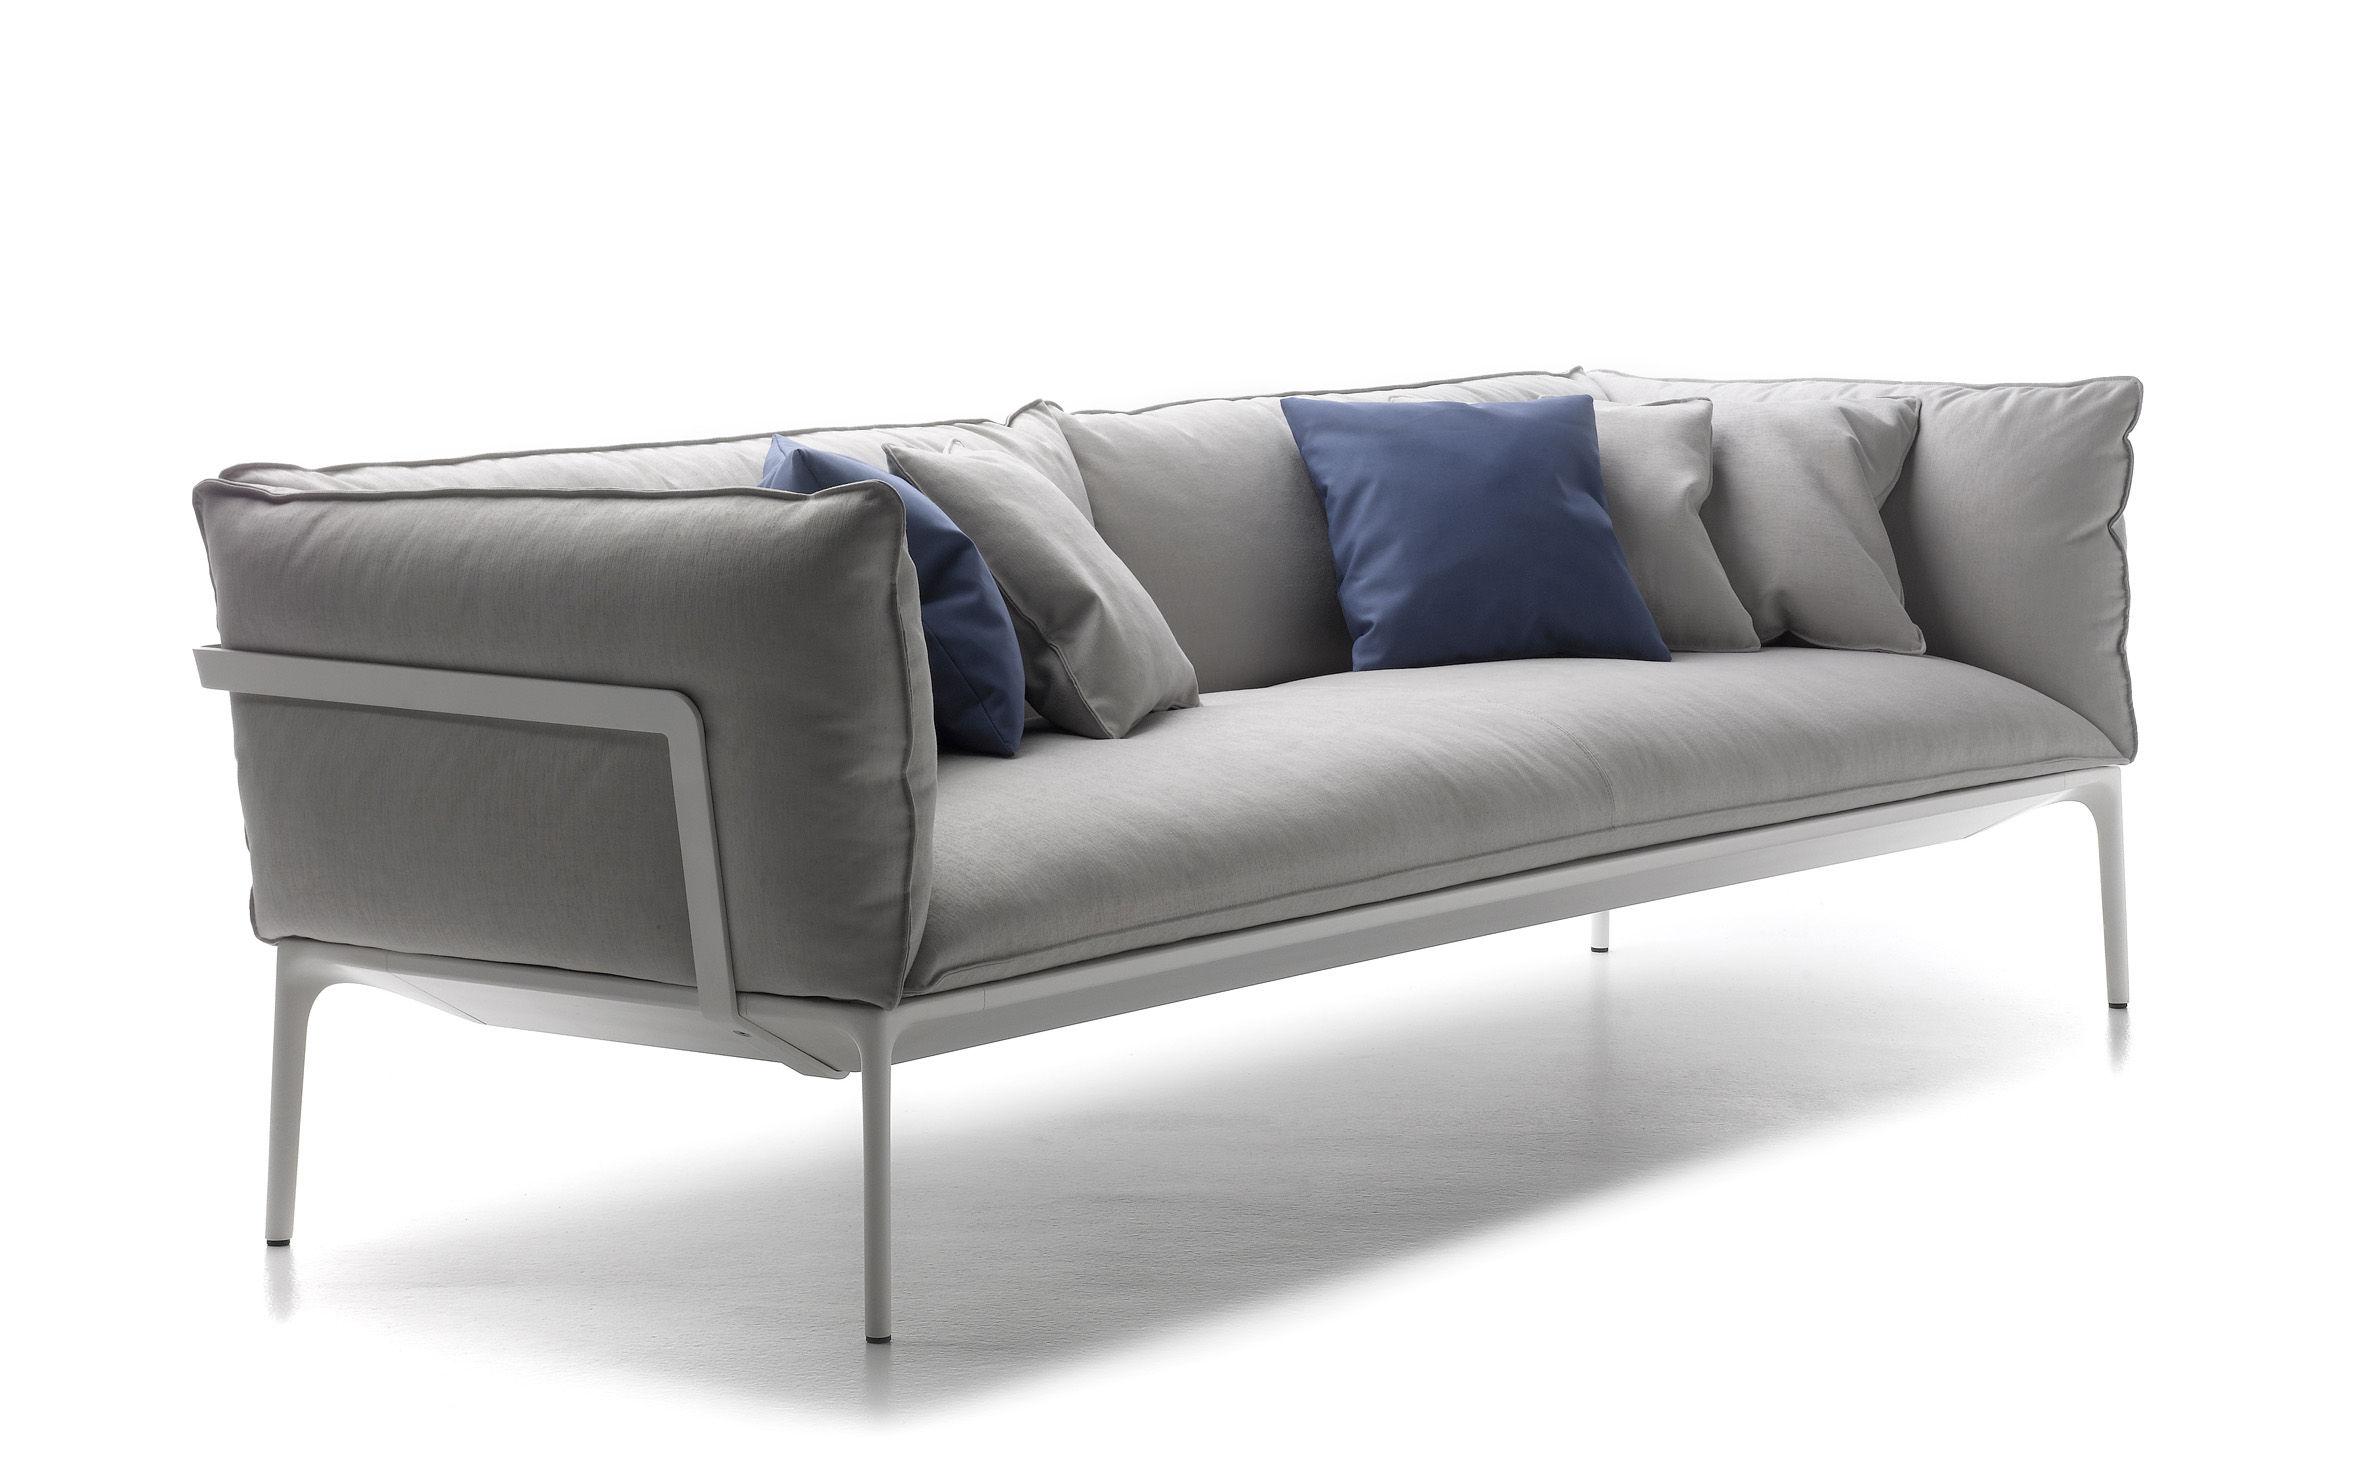 canap droit yale 3 places l 220 cm beige structure blanche 3 places mdf italia. Black Bedroom Furniture Sets. Home Design Ideas